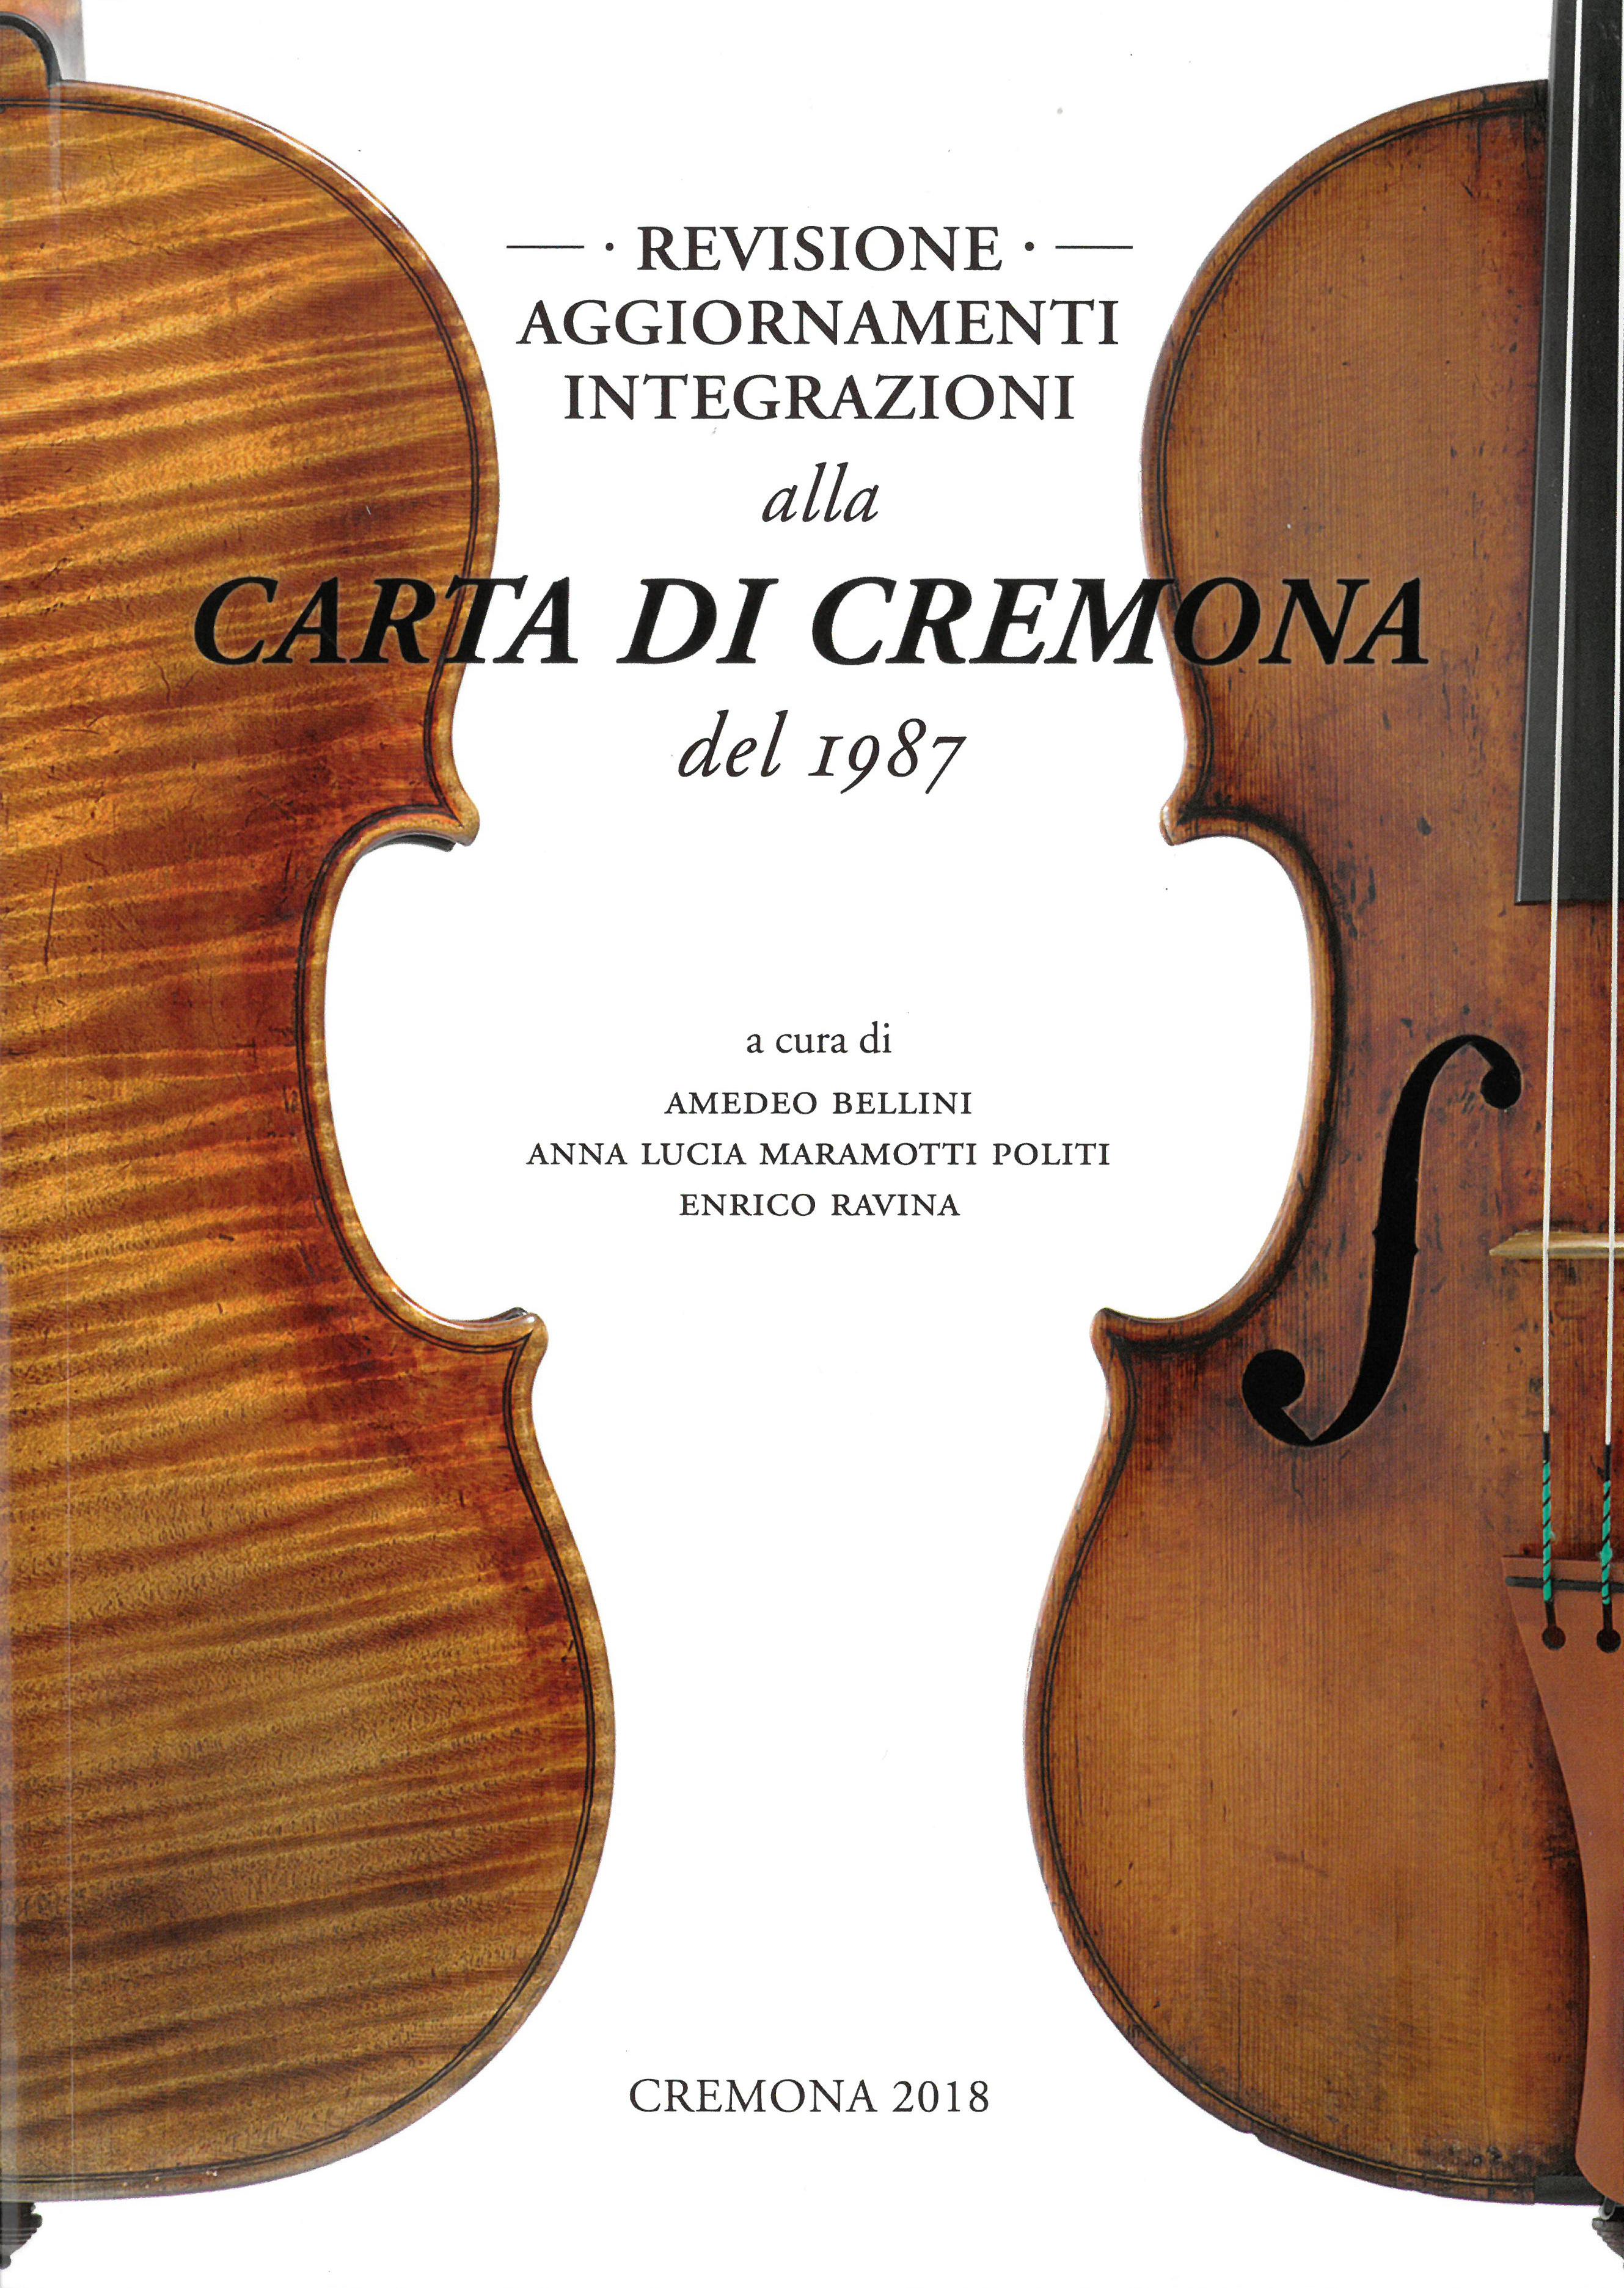 La Carta di Cremona